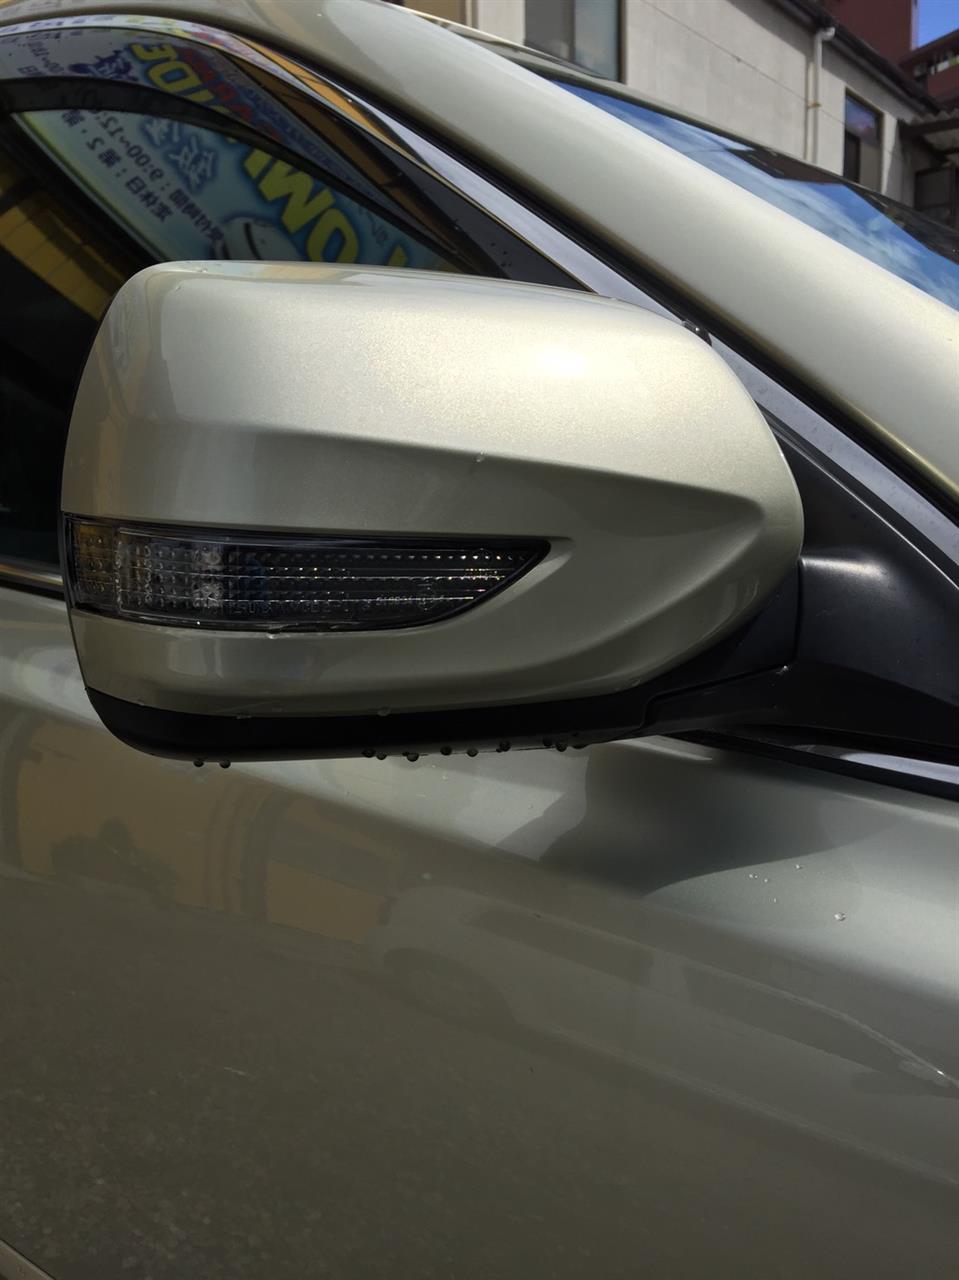 立川市の車の板金塗装修理工場 ガレージローライドのスバル レガシィのエアロパーツ取り付け等です。